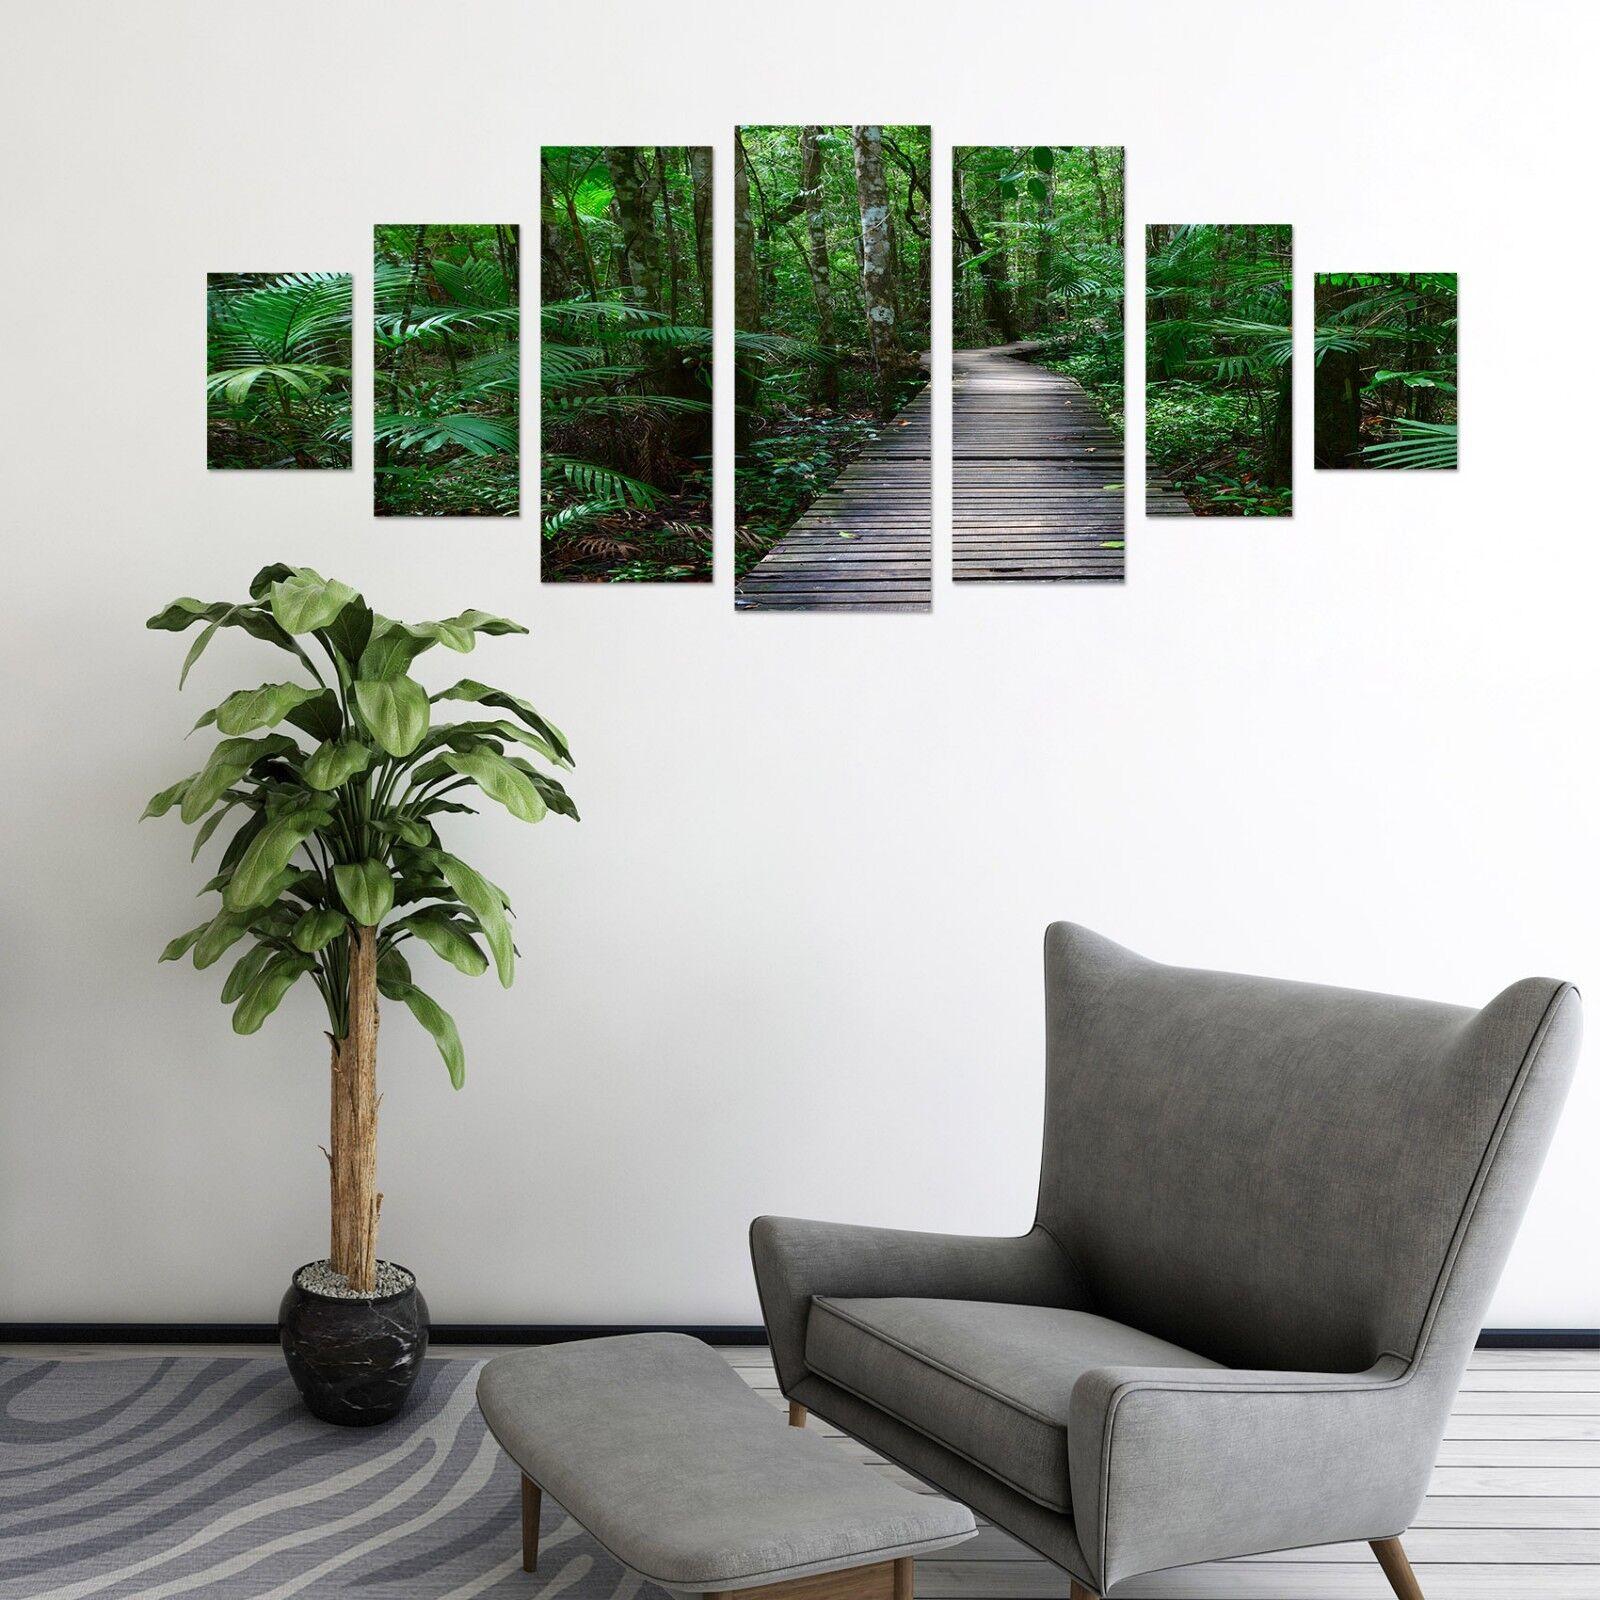 Bosque De Ruta 3D 80 impresión sin enmarcar Papel de Parojo Calcomanía Decoración De Parojo Parojo Interior AJ Jenny